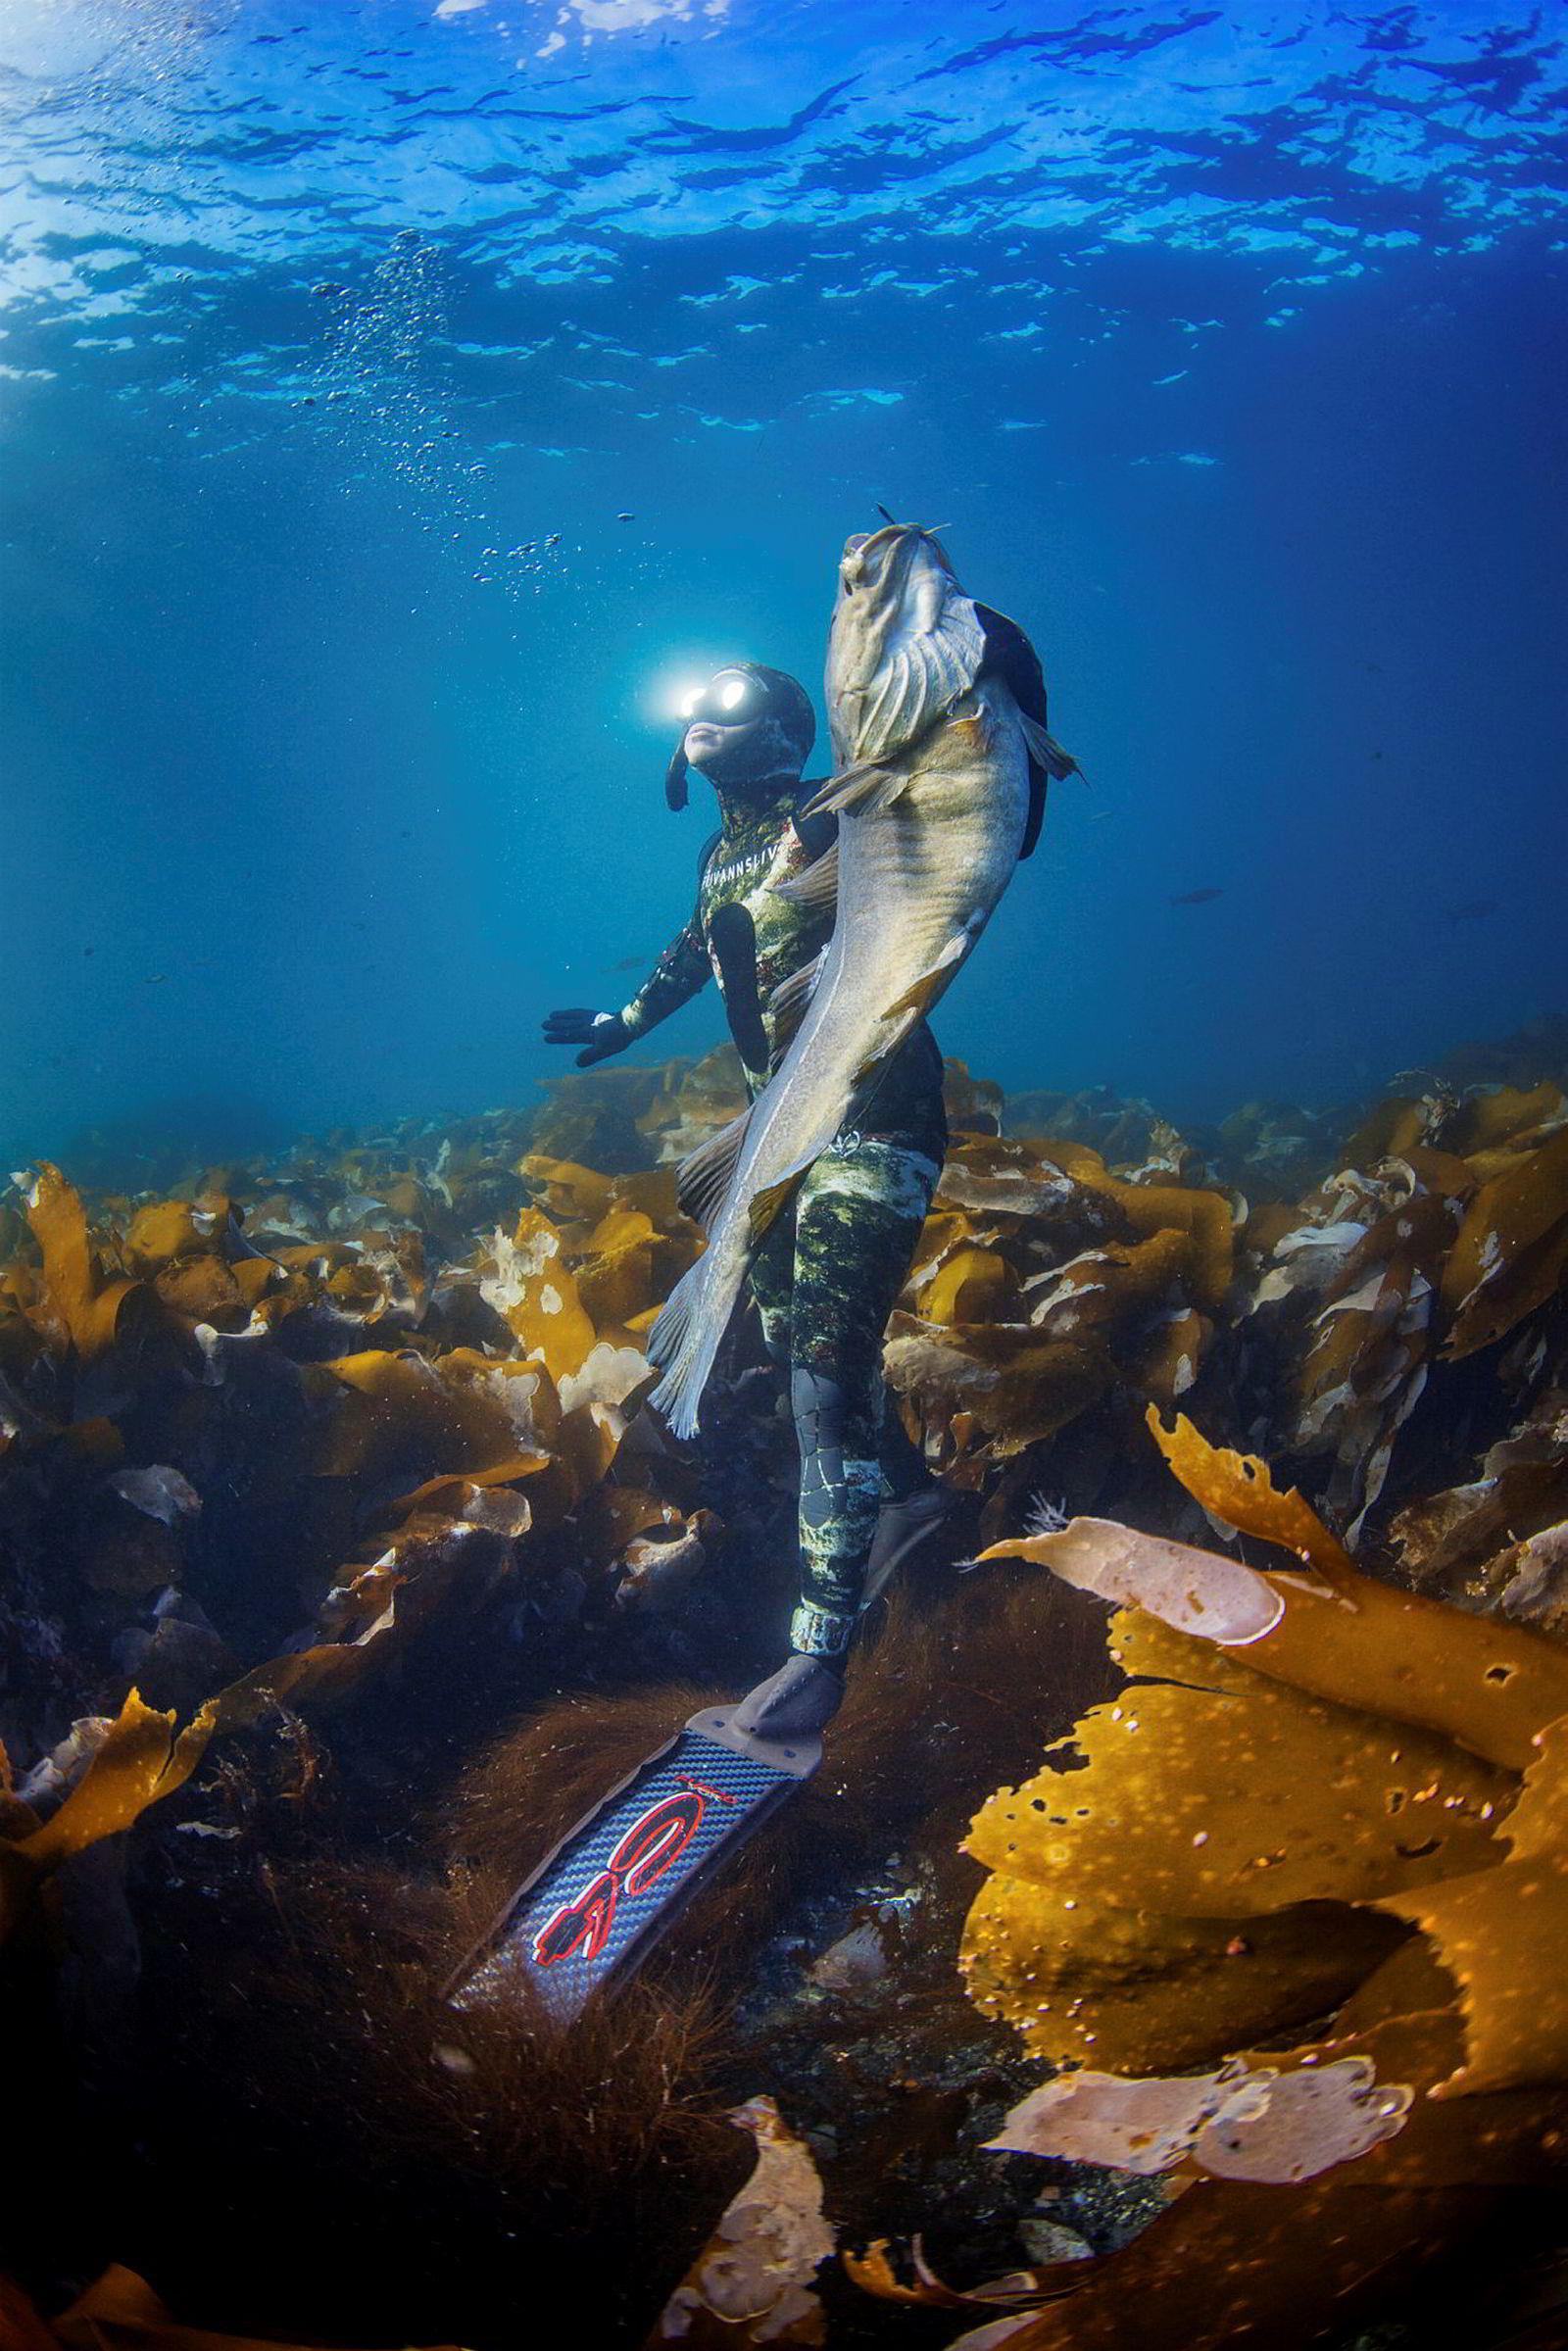 Michael Byø med en nyskutt monstertorsk i Saltstraumen, verdens sterkeste tidevannstrøm.